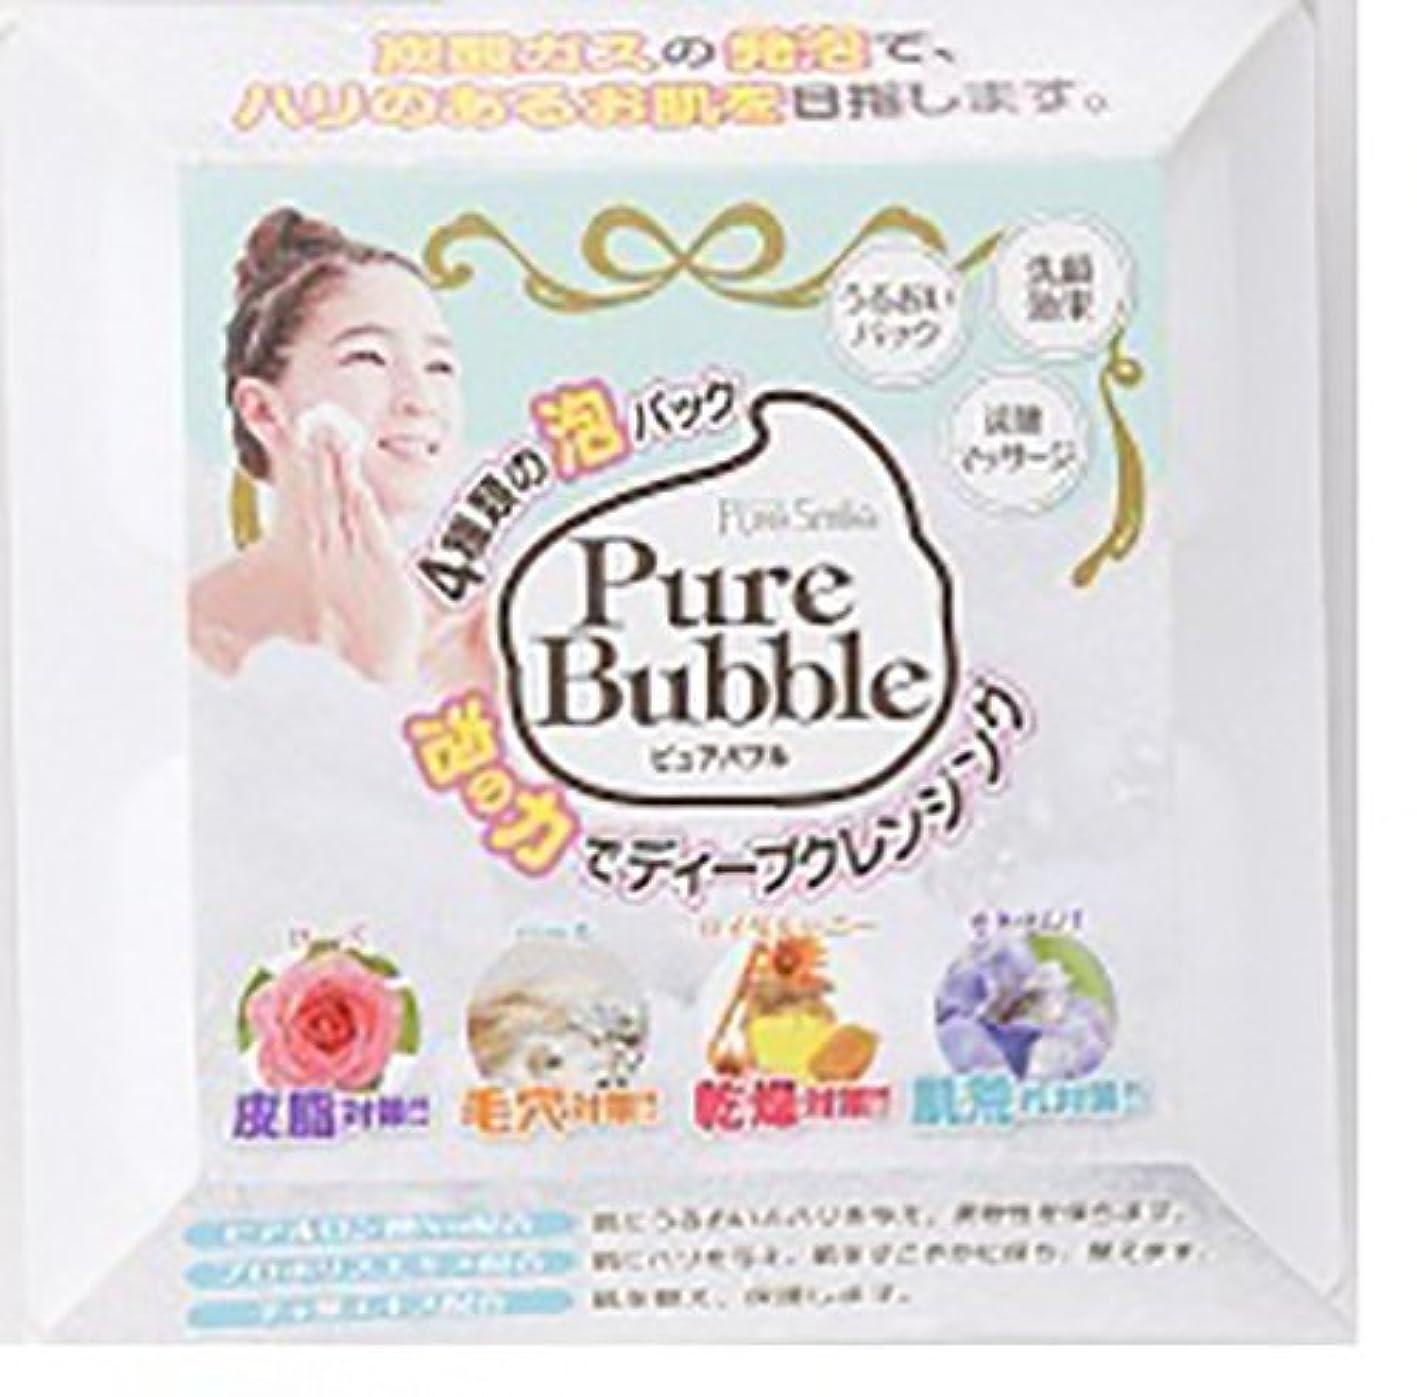 ホールド動く調整Pure Smile ピュアバブルセット 12ml